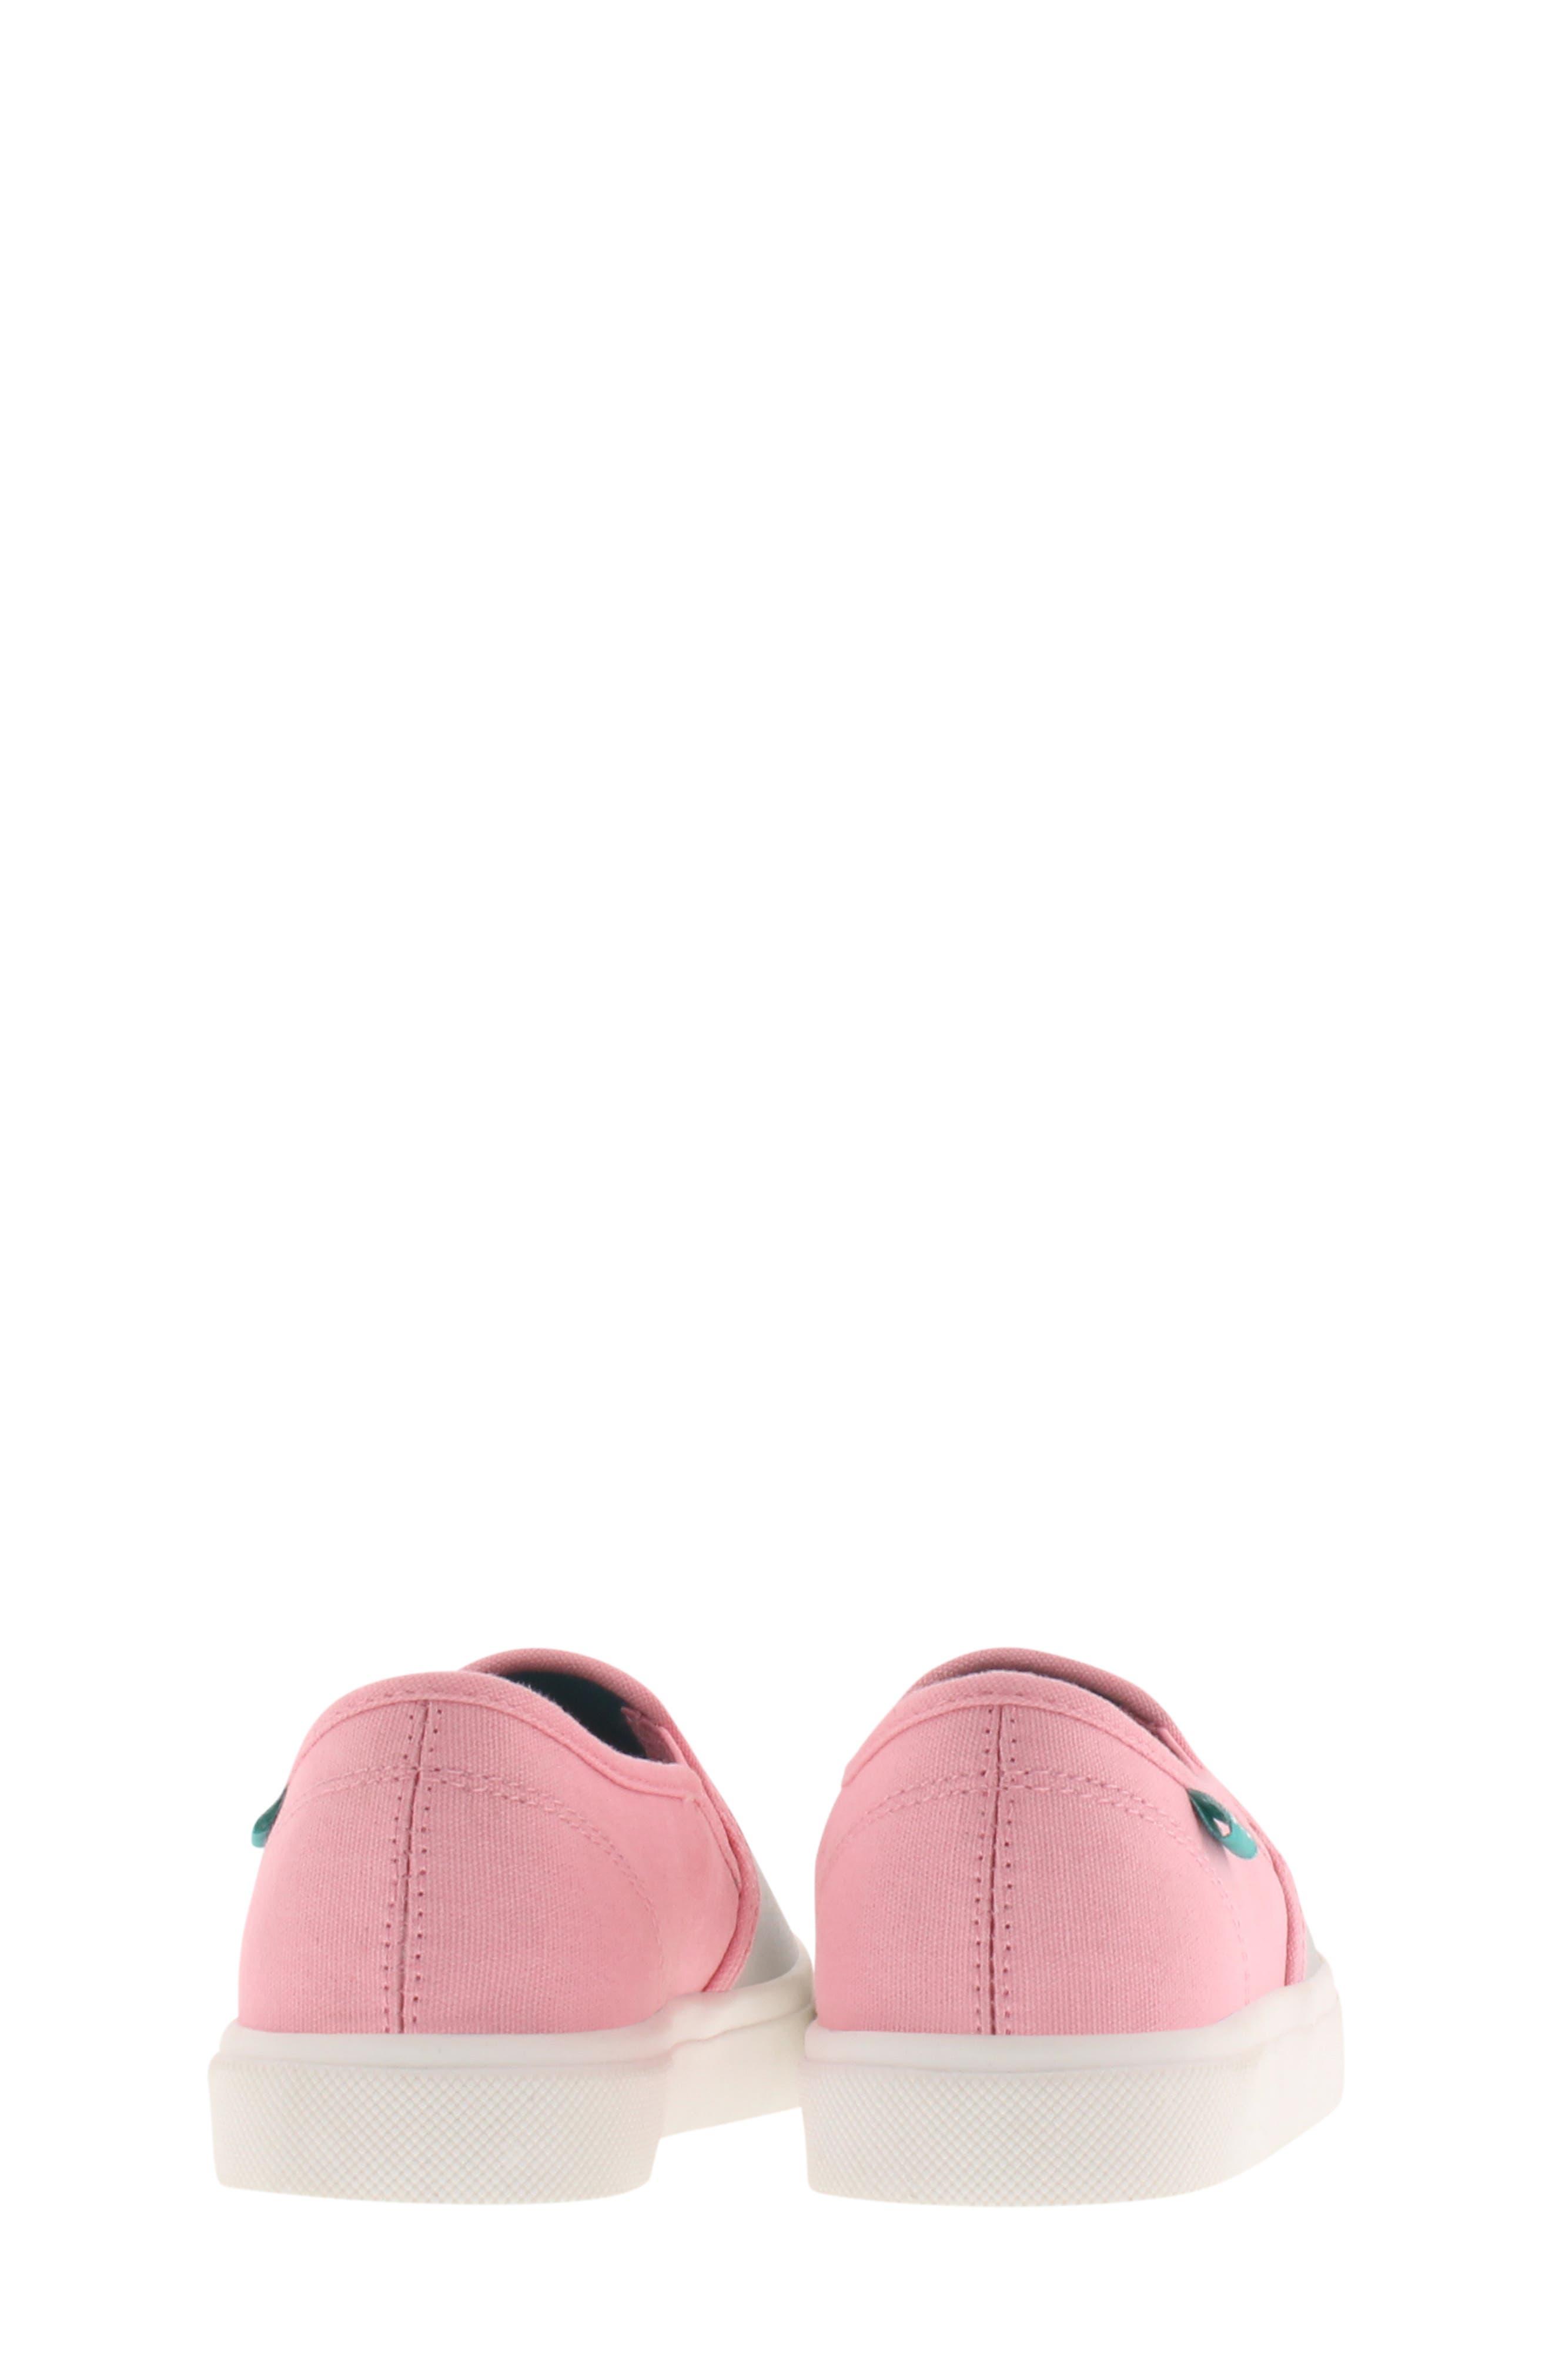 CHOOZE, Little Choice Starheart Slip-On Sneaker, Alternate thumbnail 7, color, SILVER